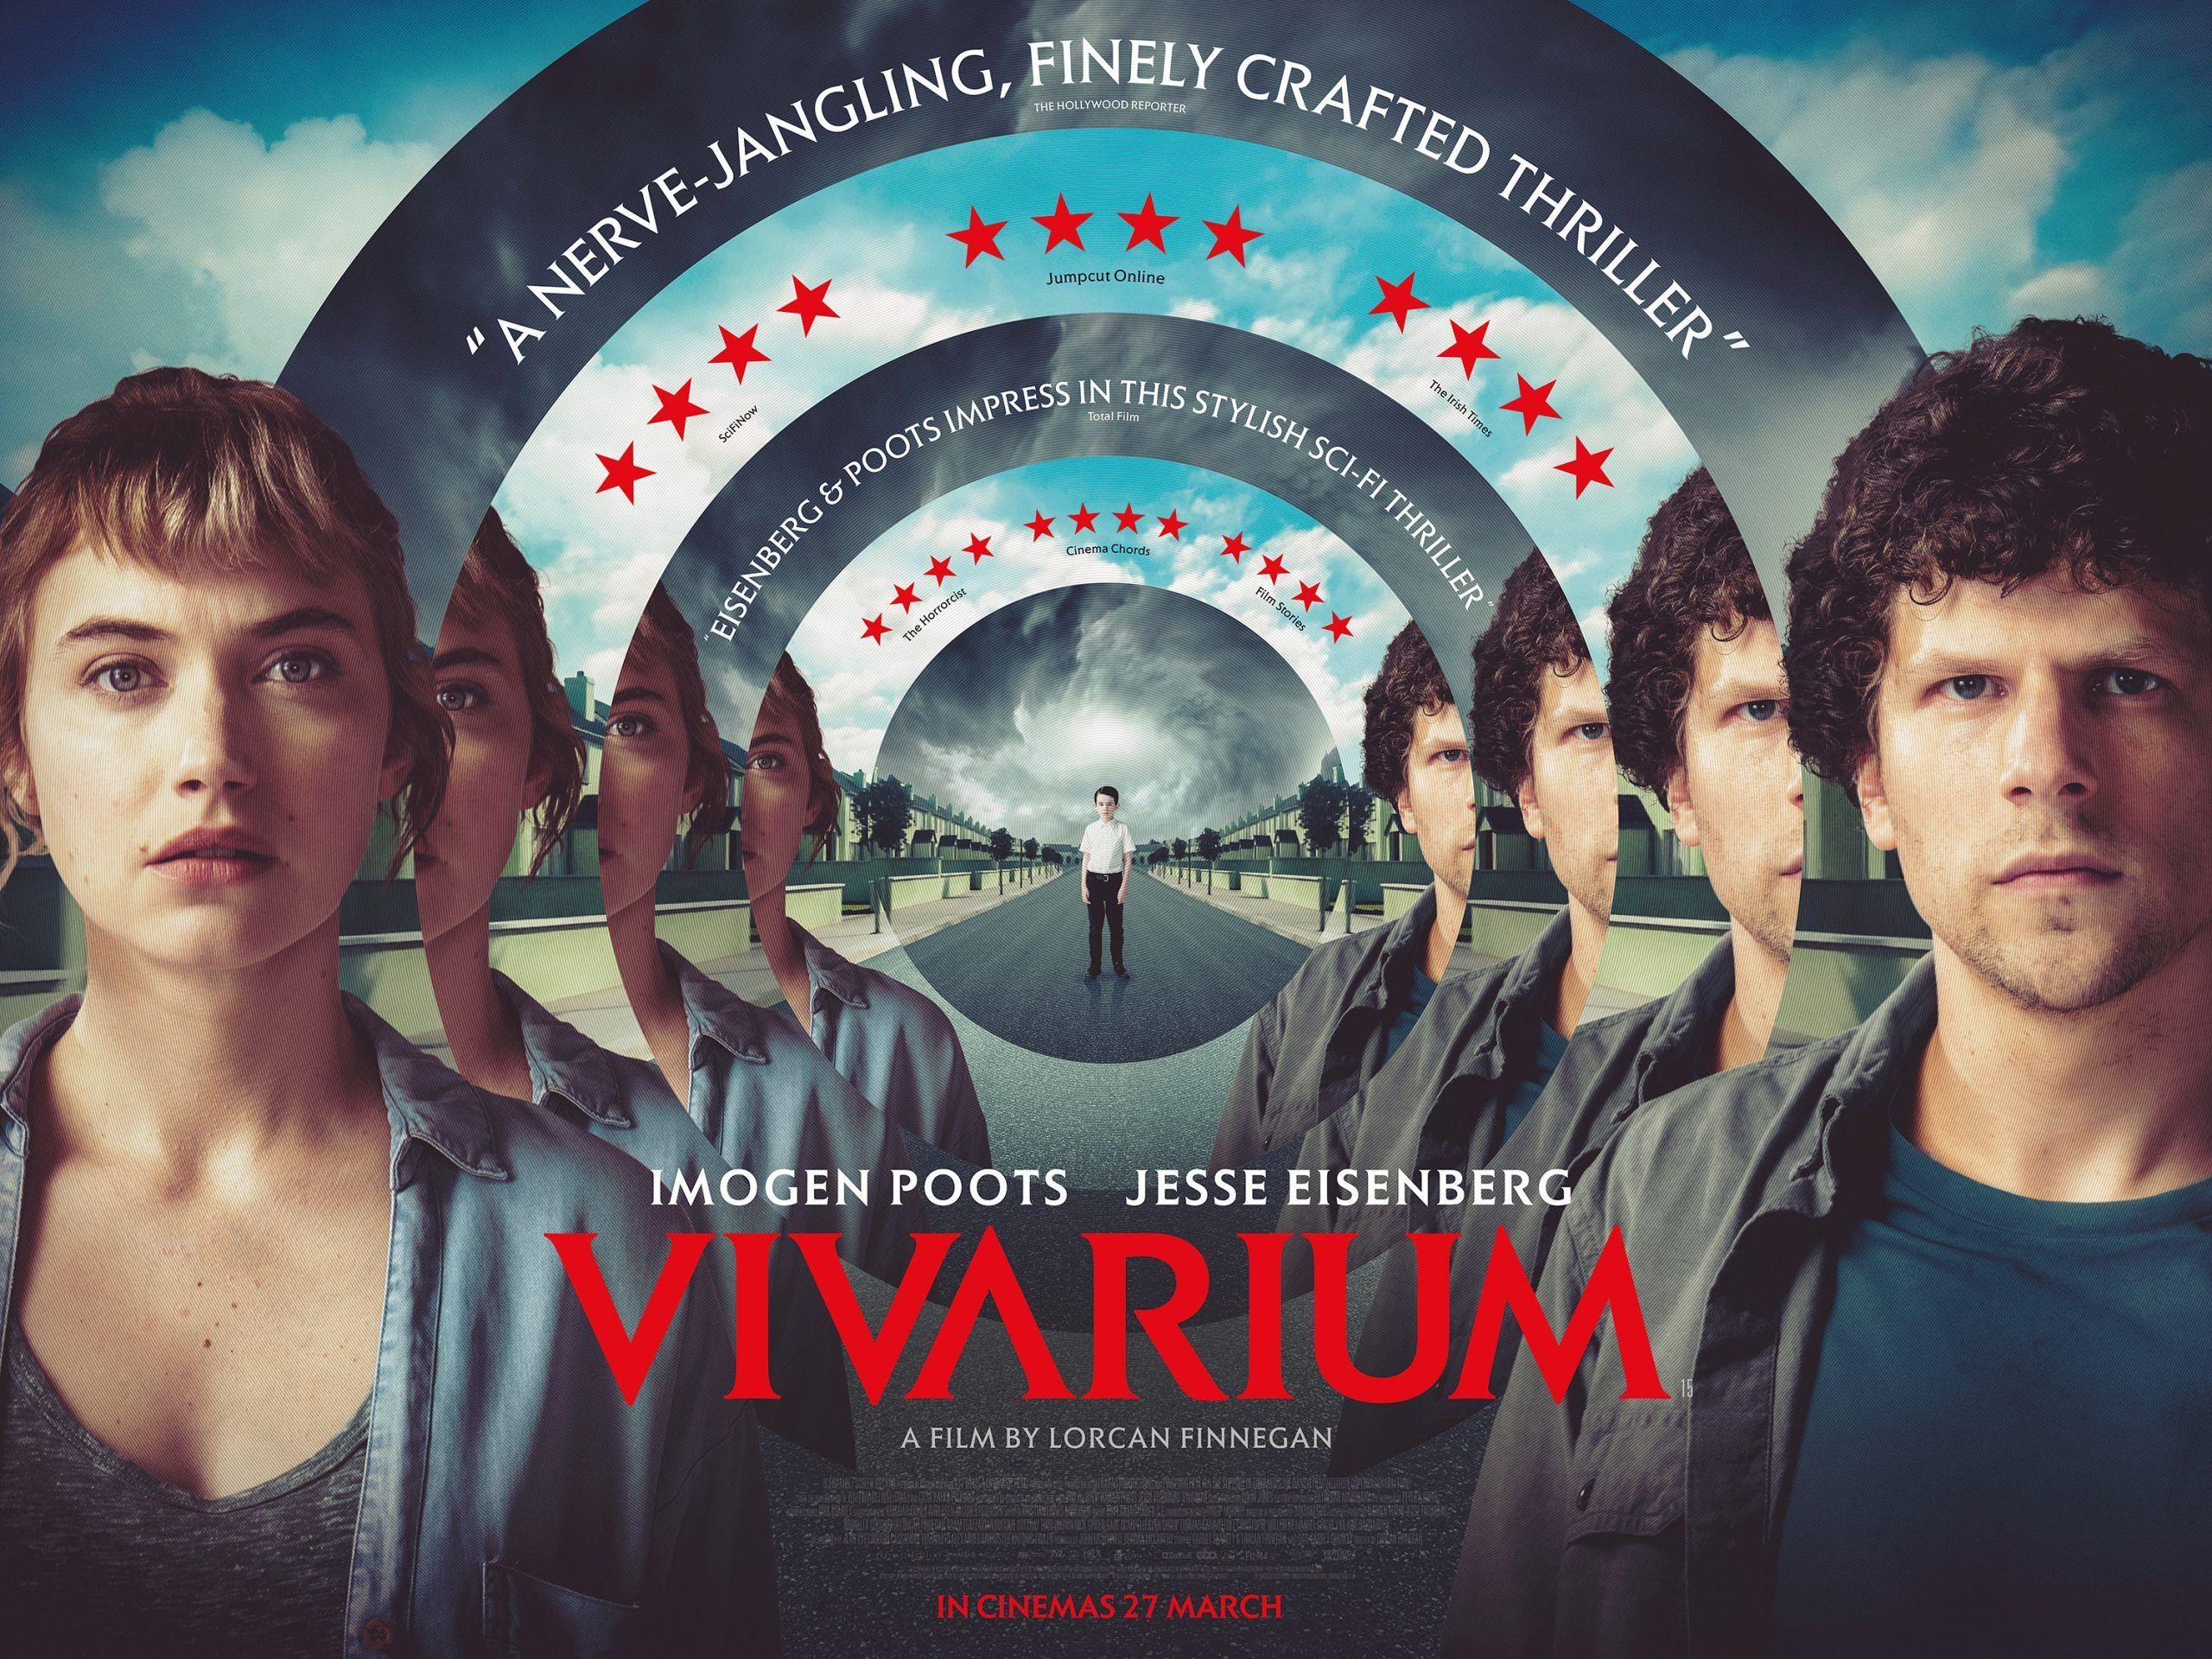 Vivarium 2019 Imogen Poots Vivarium Sci Fi Thriller